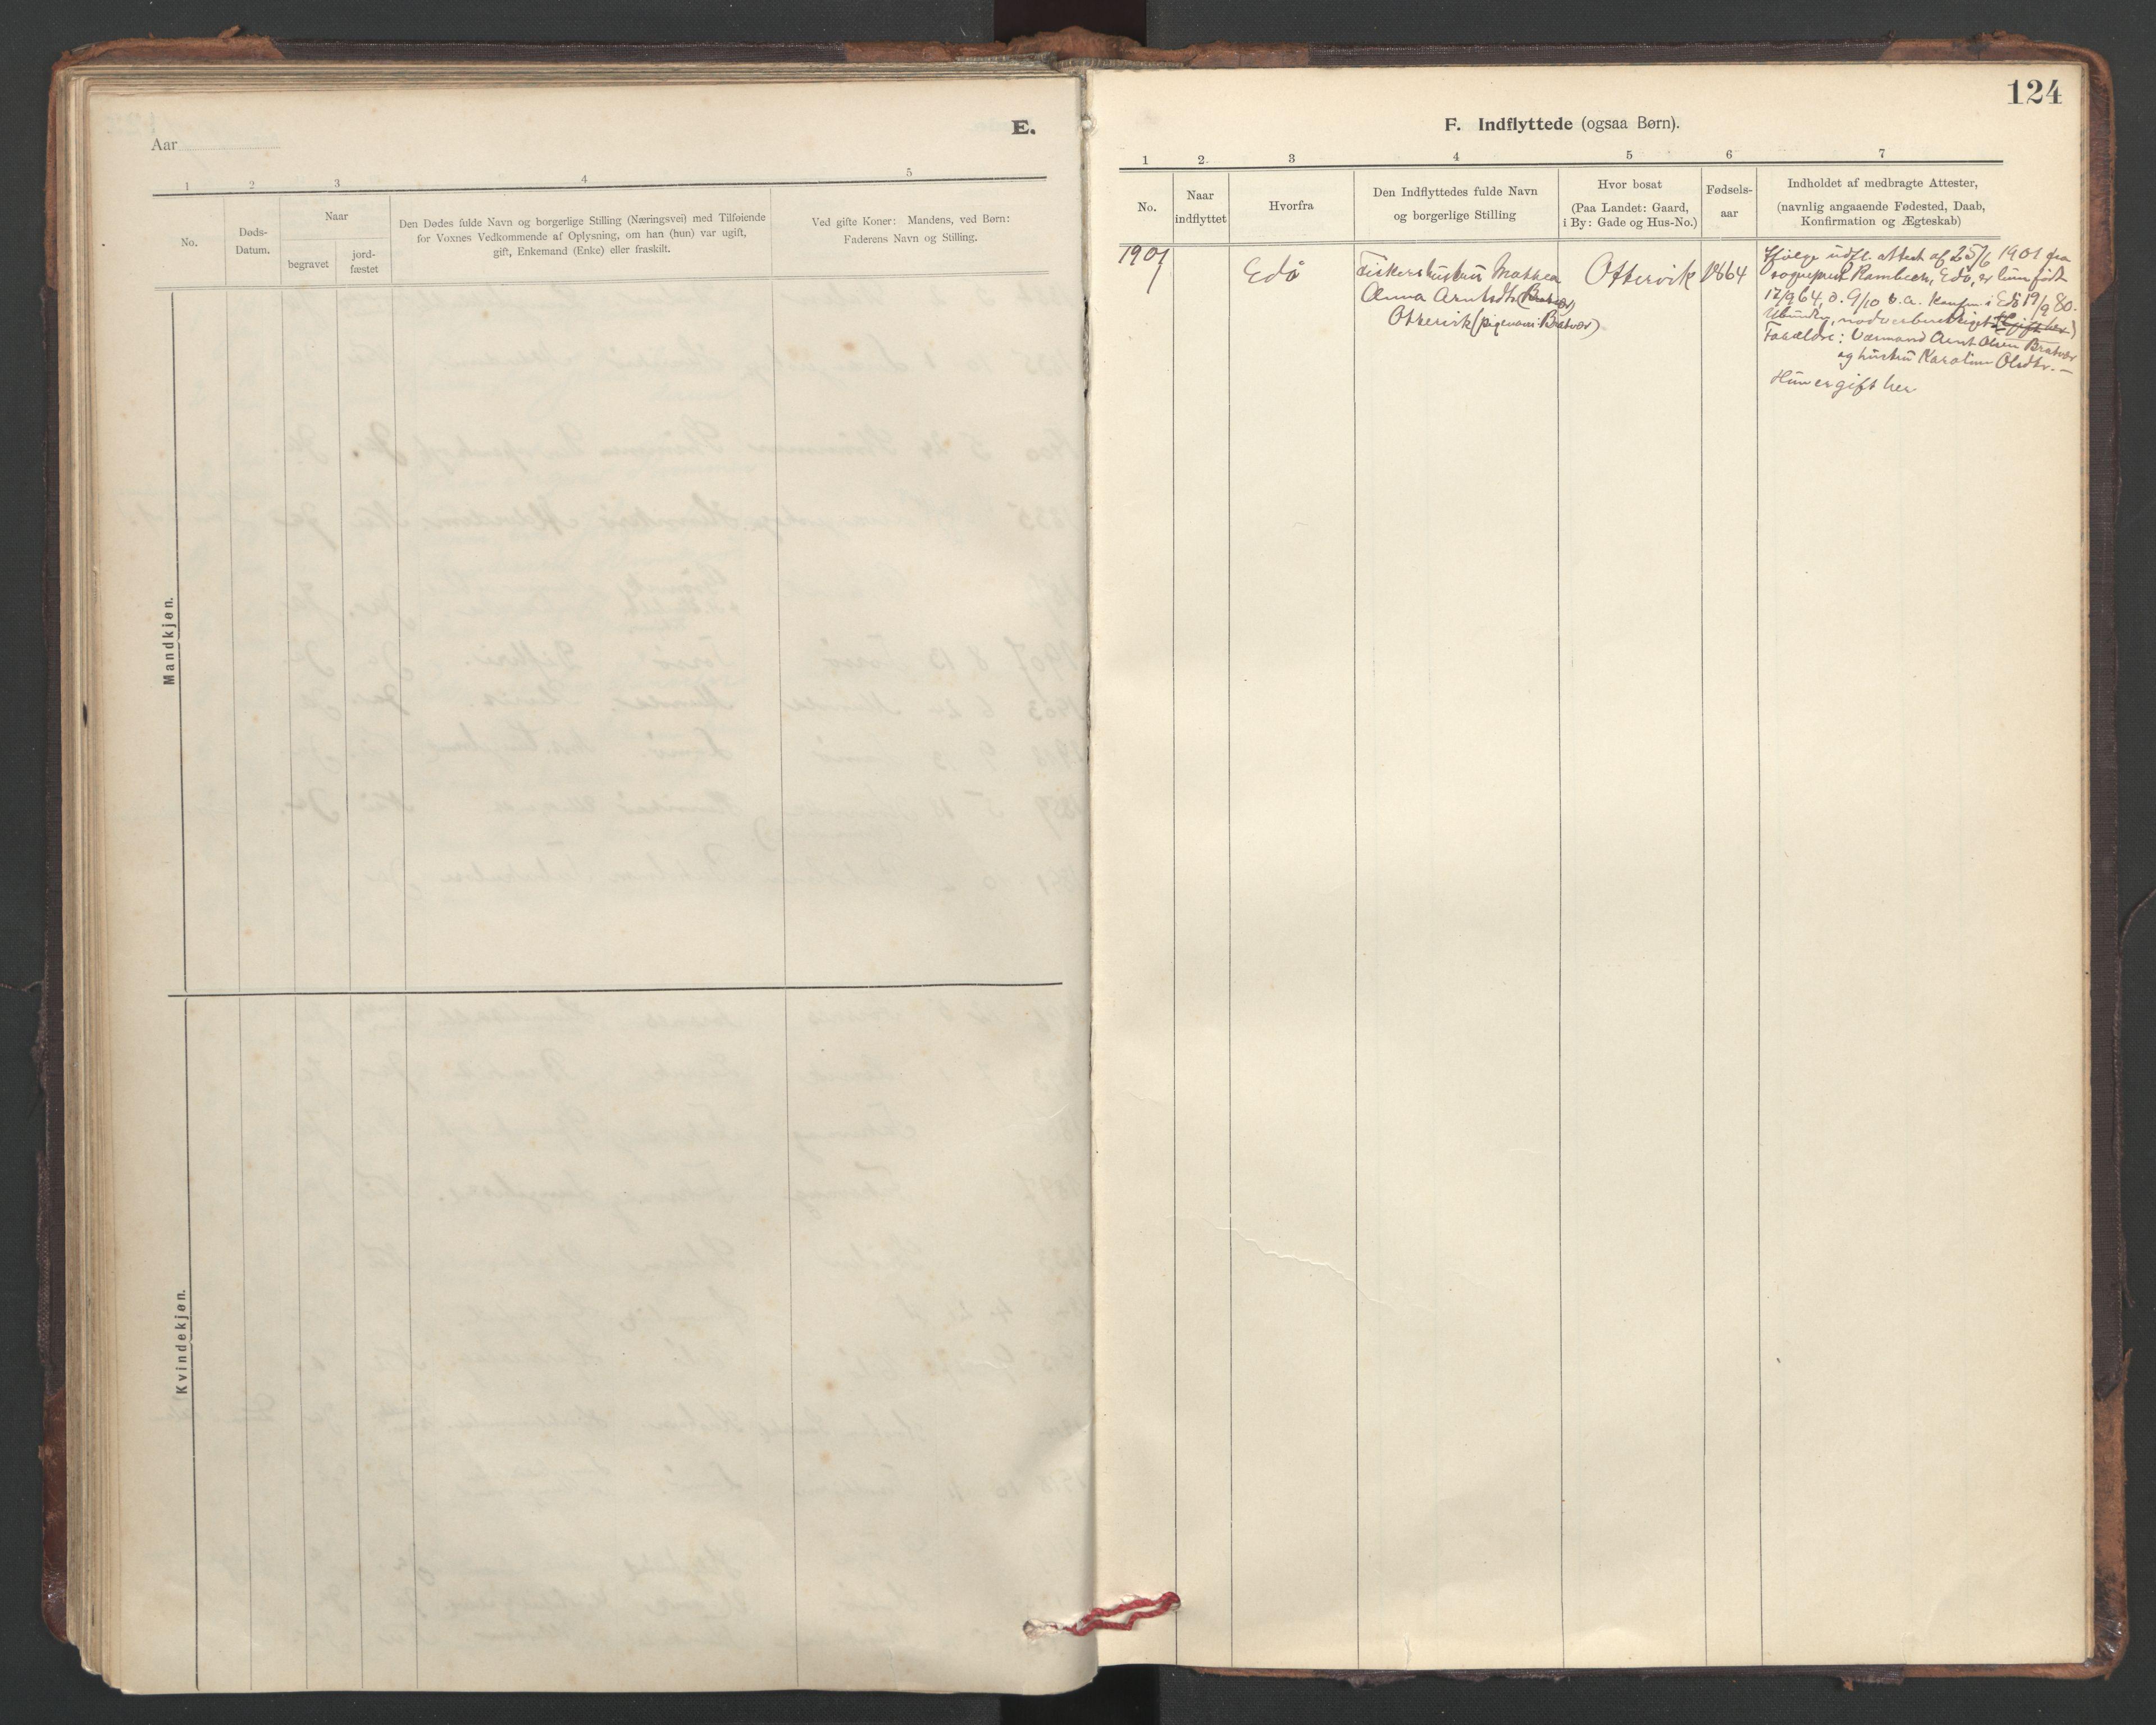 SAT, Ministerialprotokoller, klokkerbøker og fødselsregistre - Sør-Trøndelag, 635/L0552: Ministerialbok nr. 635A02, 1899-1919, s. 124